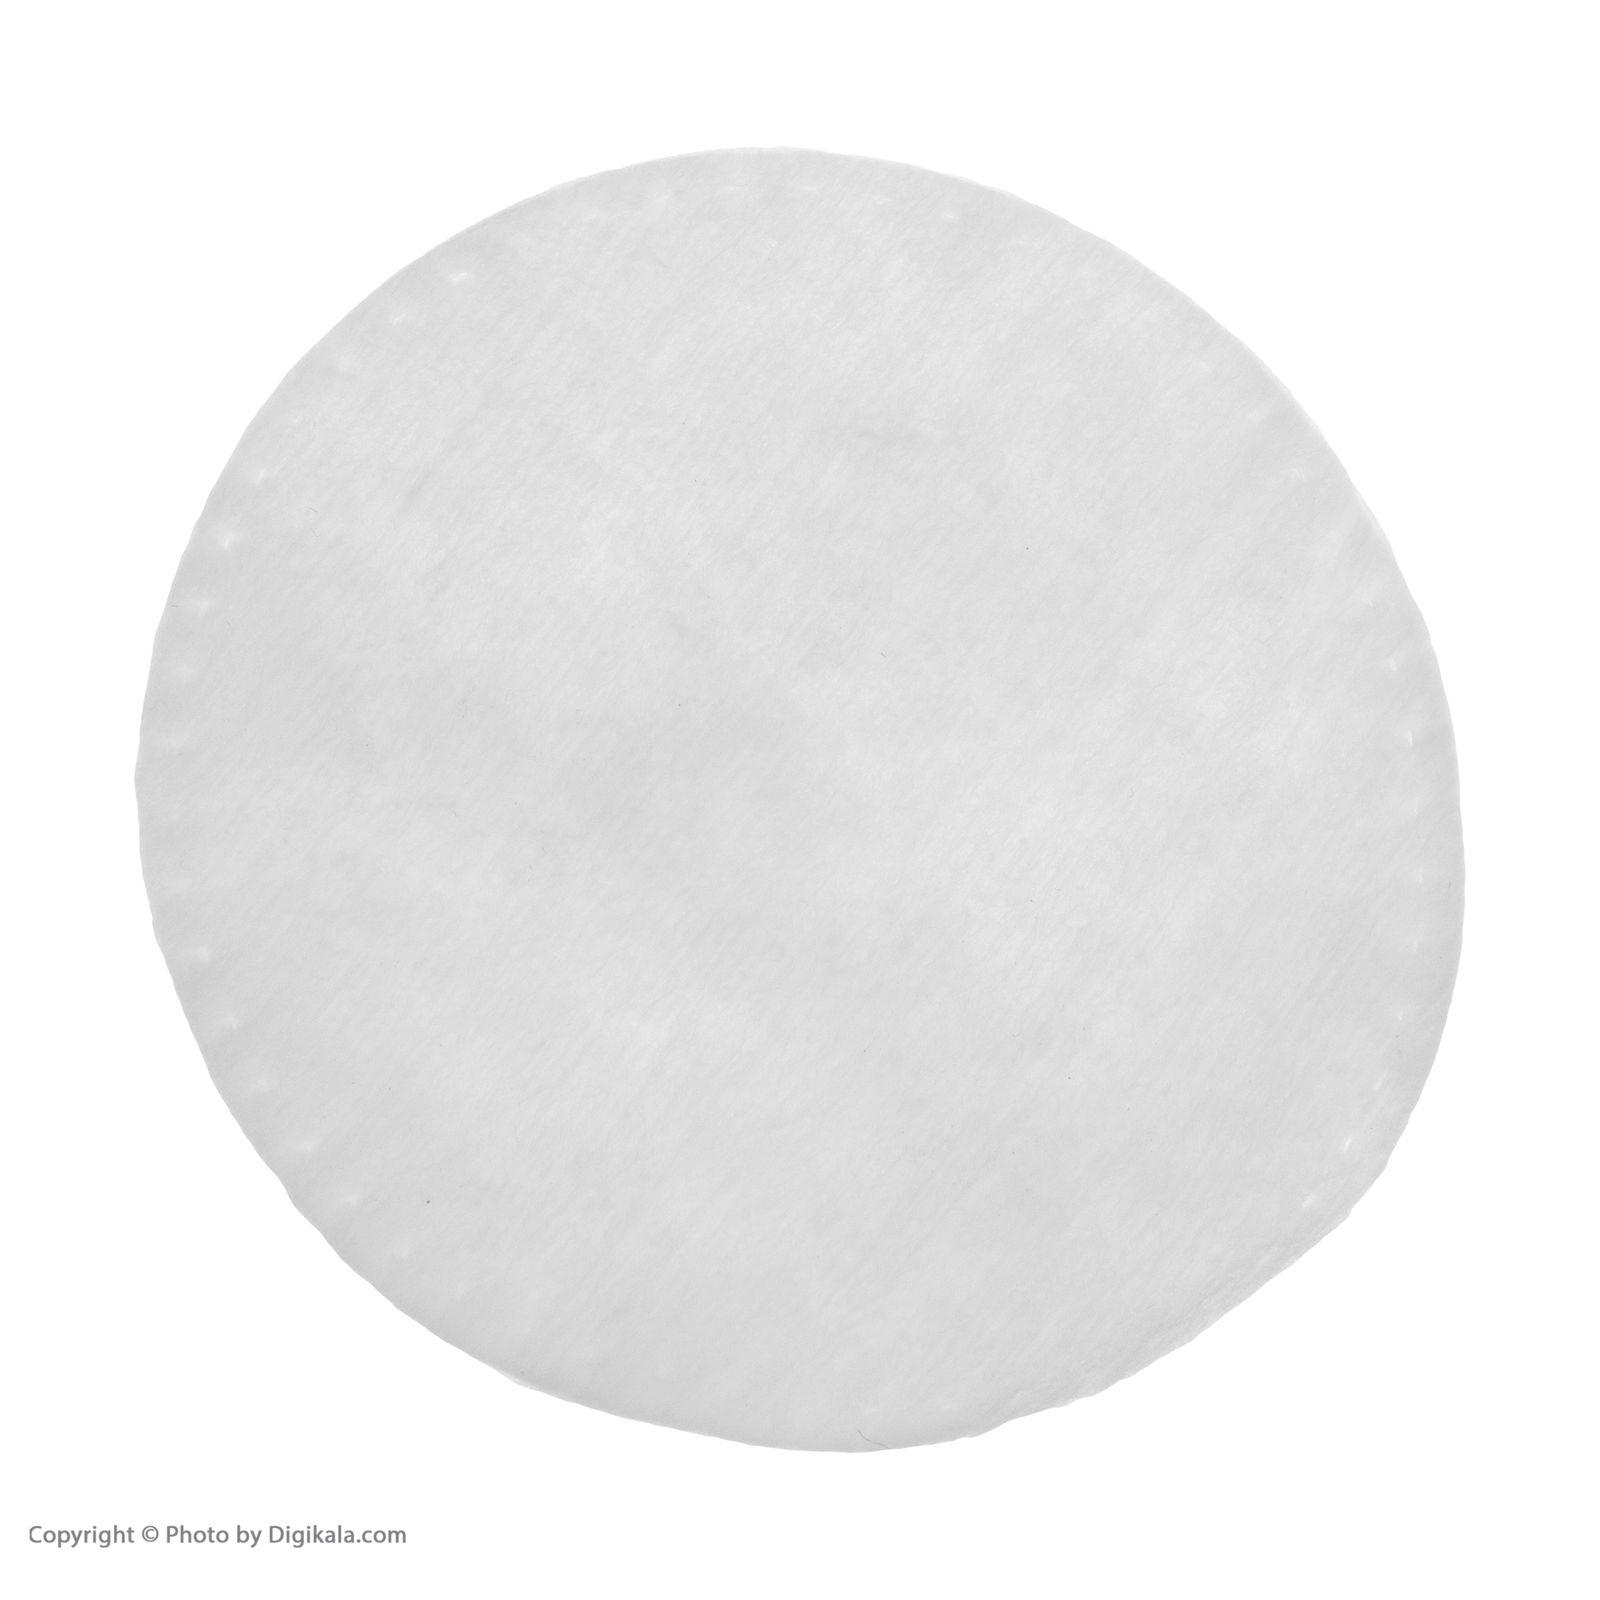 پد پاک کننده آرایش صورت ایپک مدل 1 بسته 120 عددی -  - 6